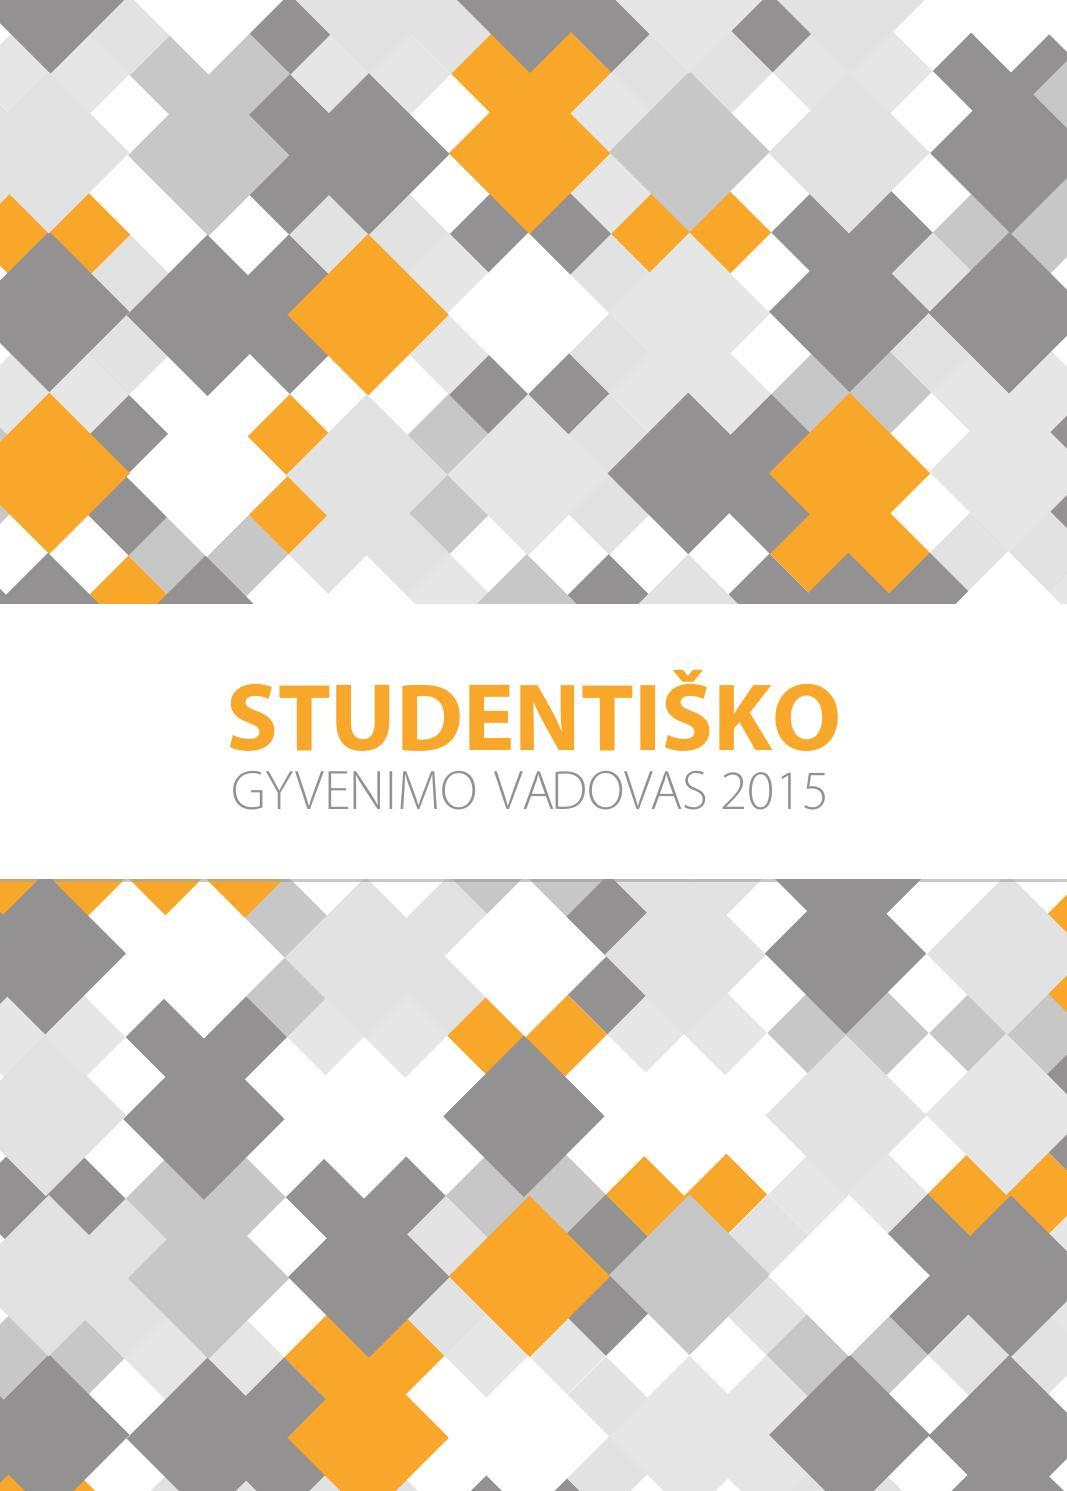 Studentiško gyvenimo vadovas 2015 by VU SA - issuu